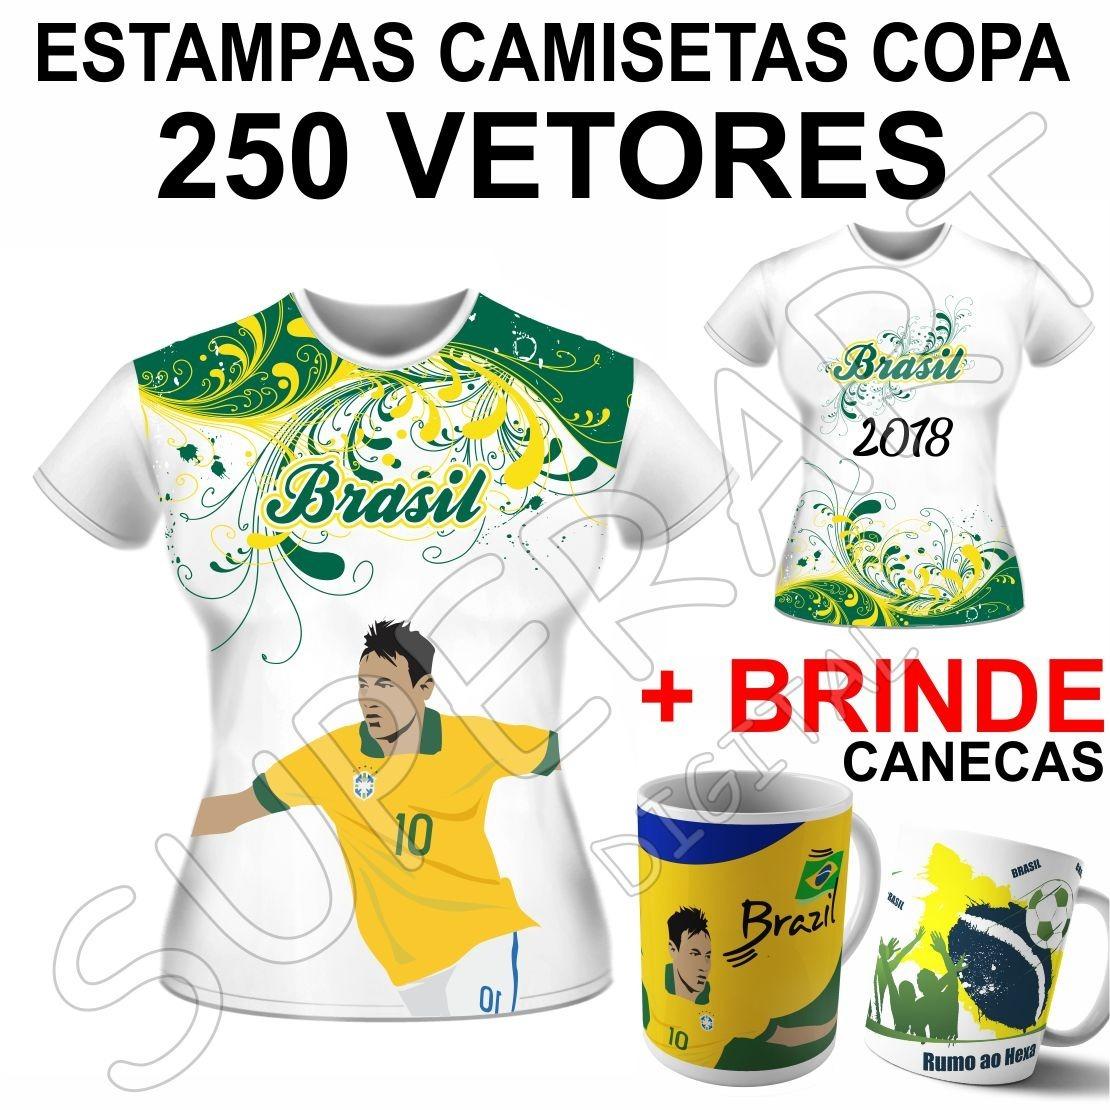 Vetores Copa Estampas Mundo Camisa 2018 Artes Sublimação - R  24 72660883a68